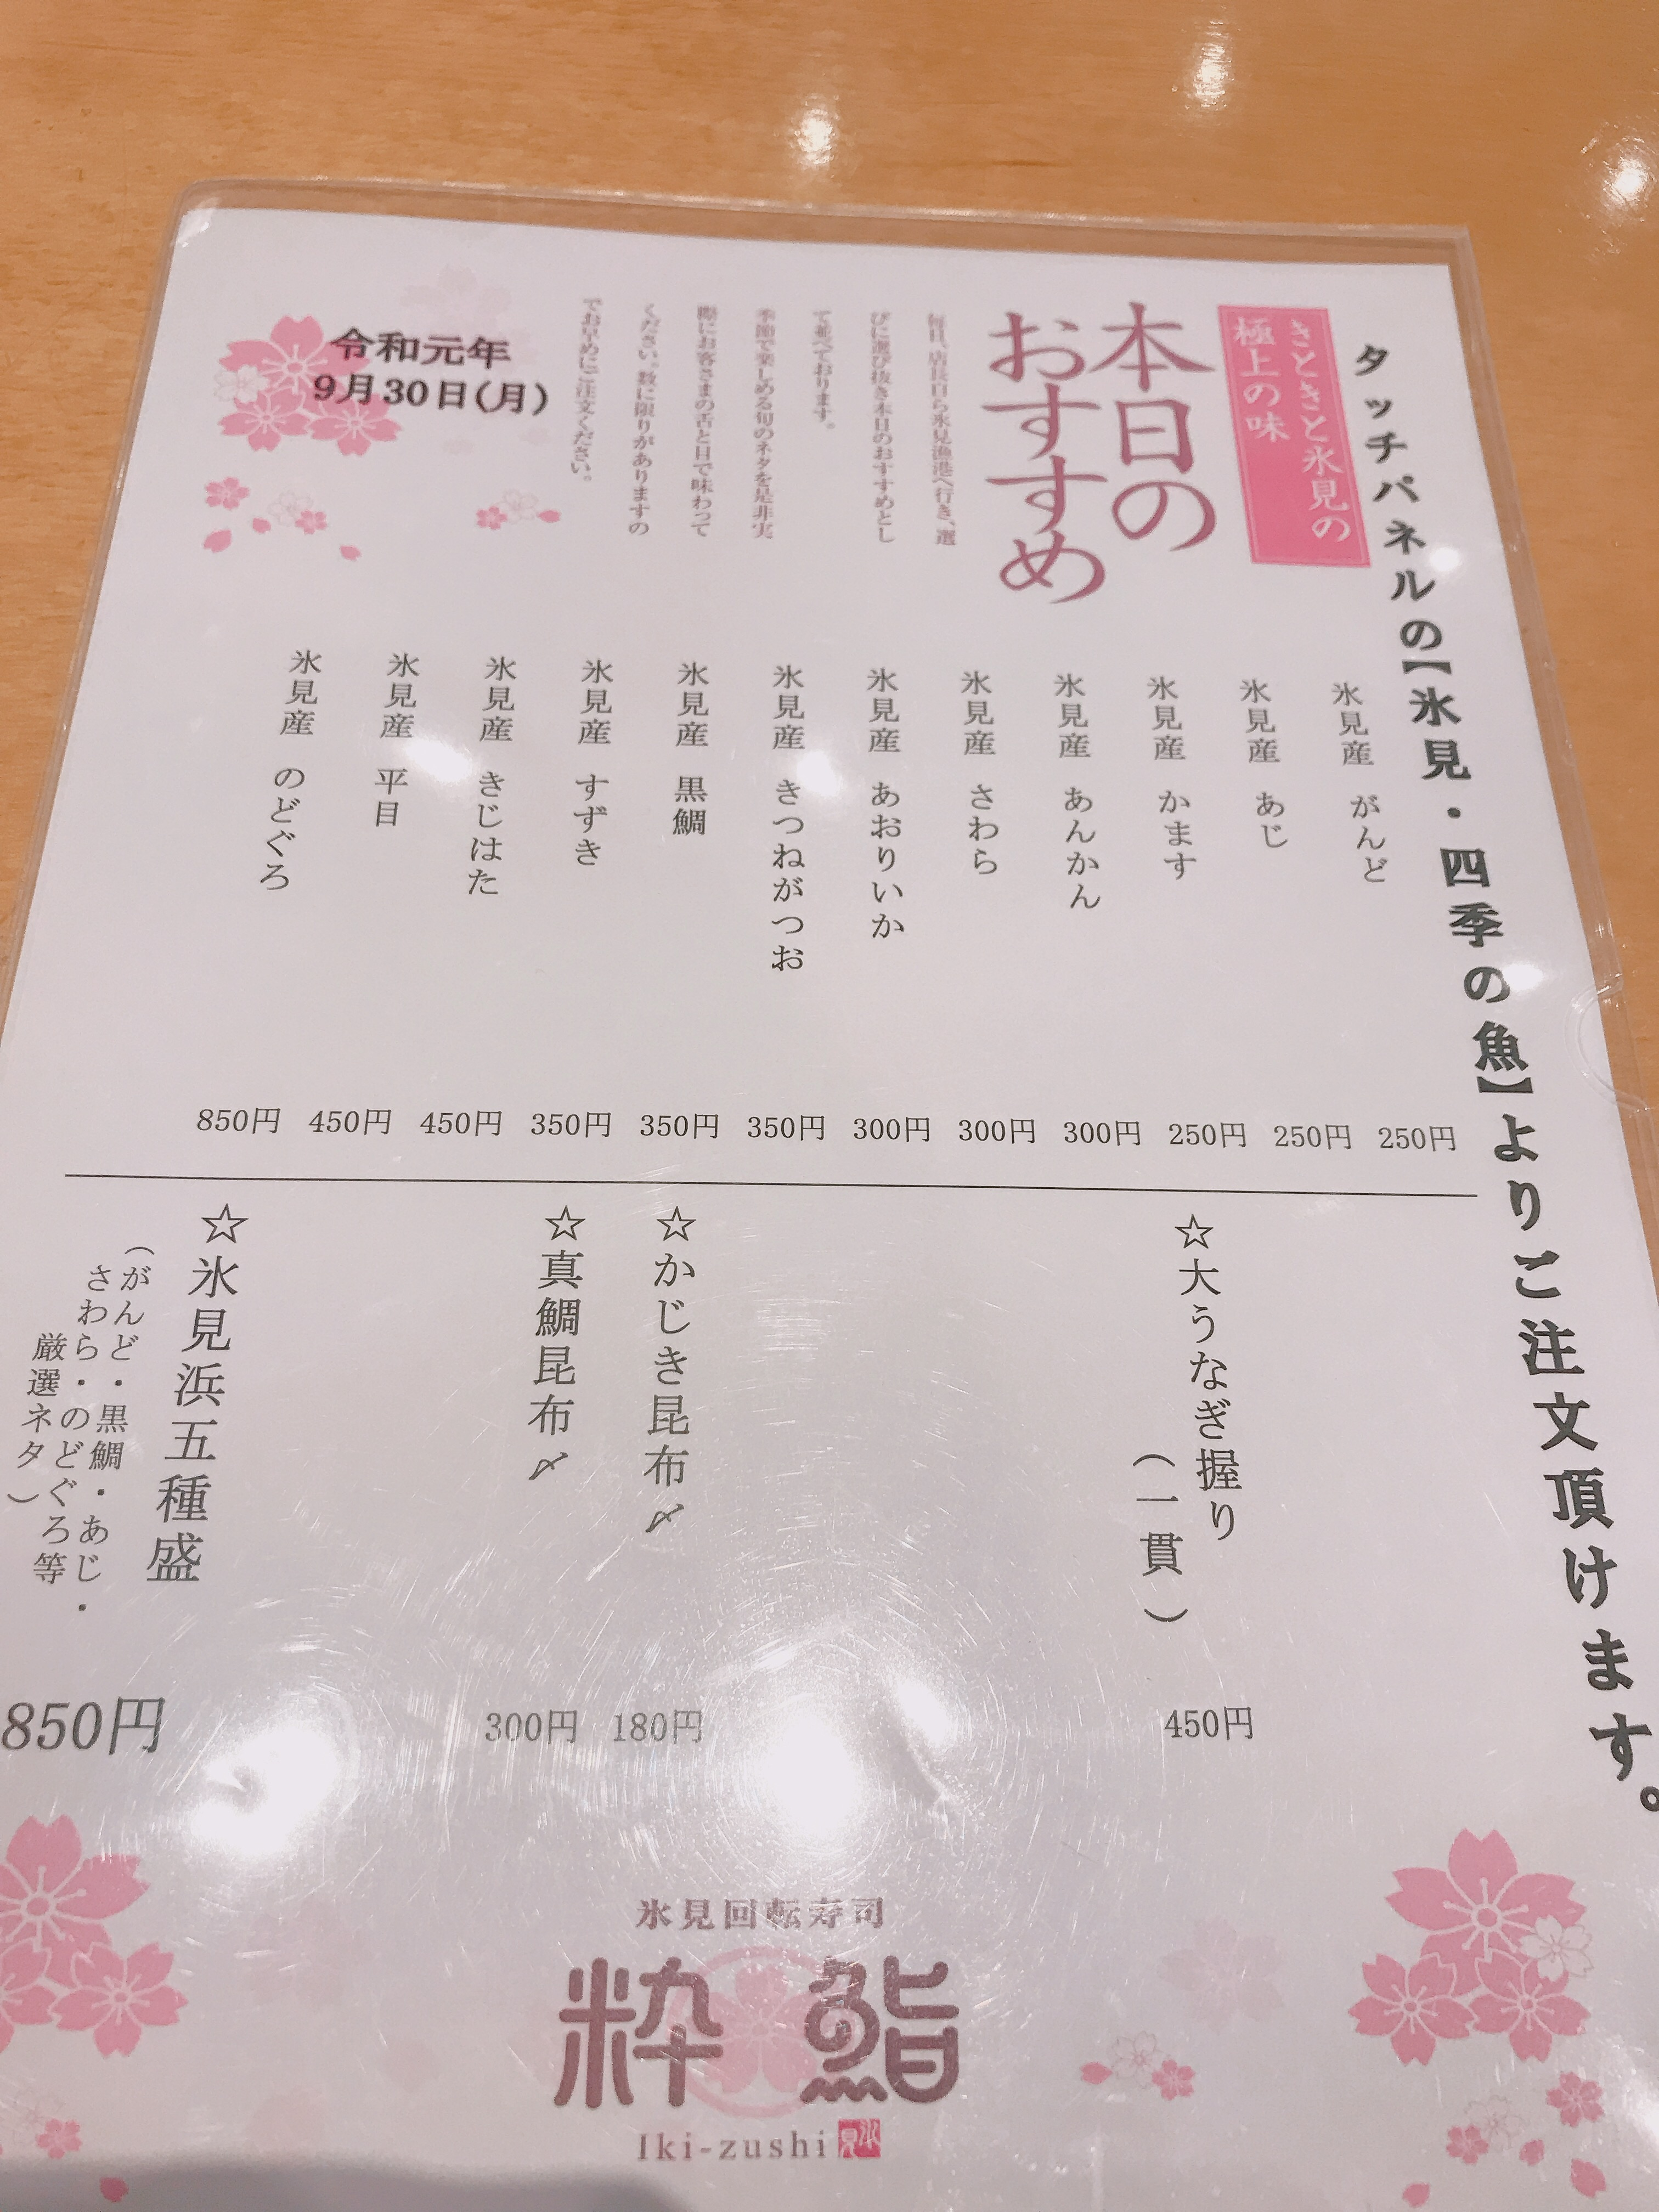 粋鮨メニュー2